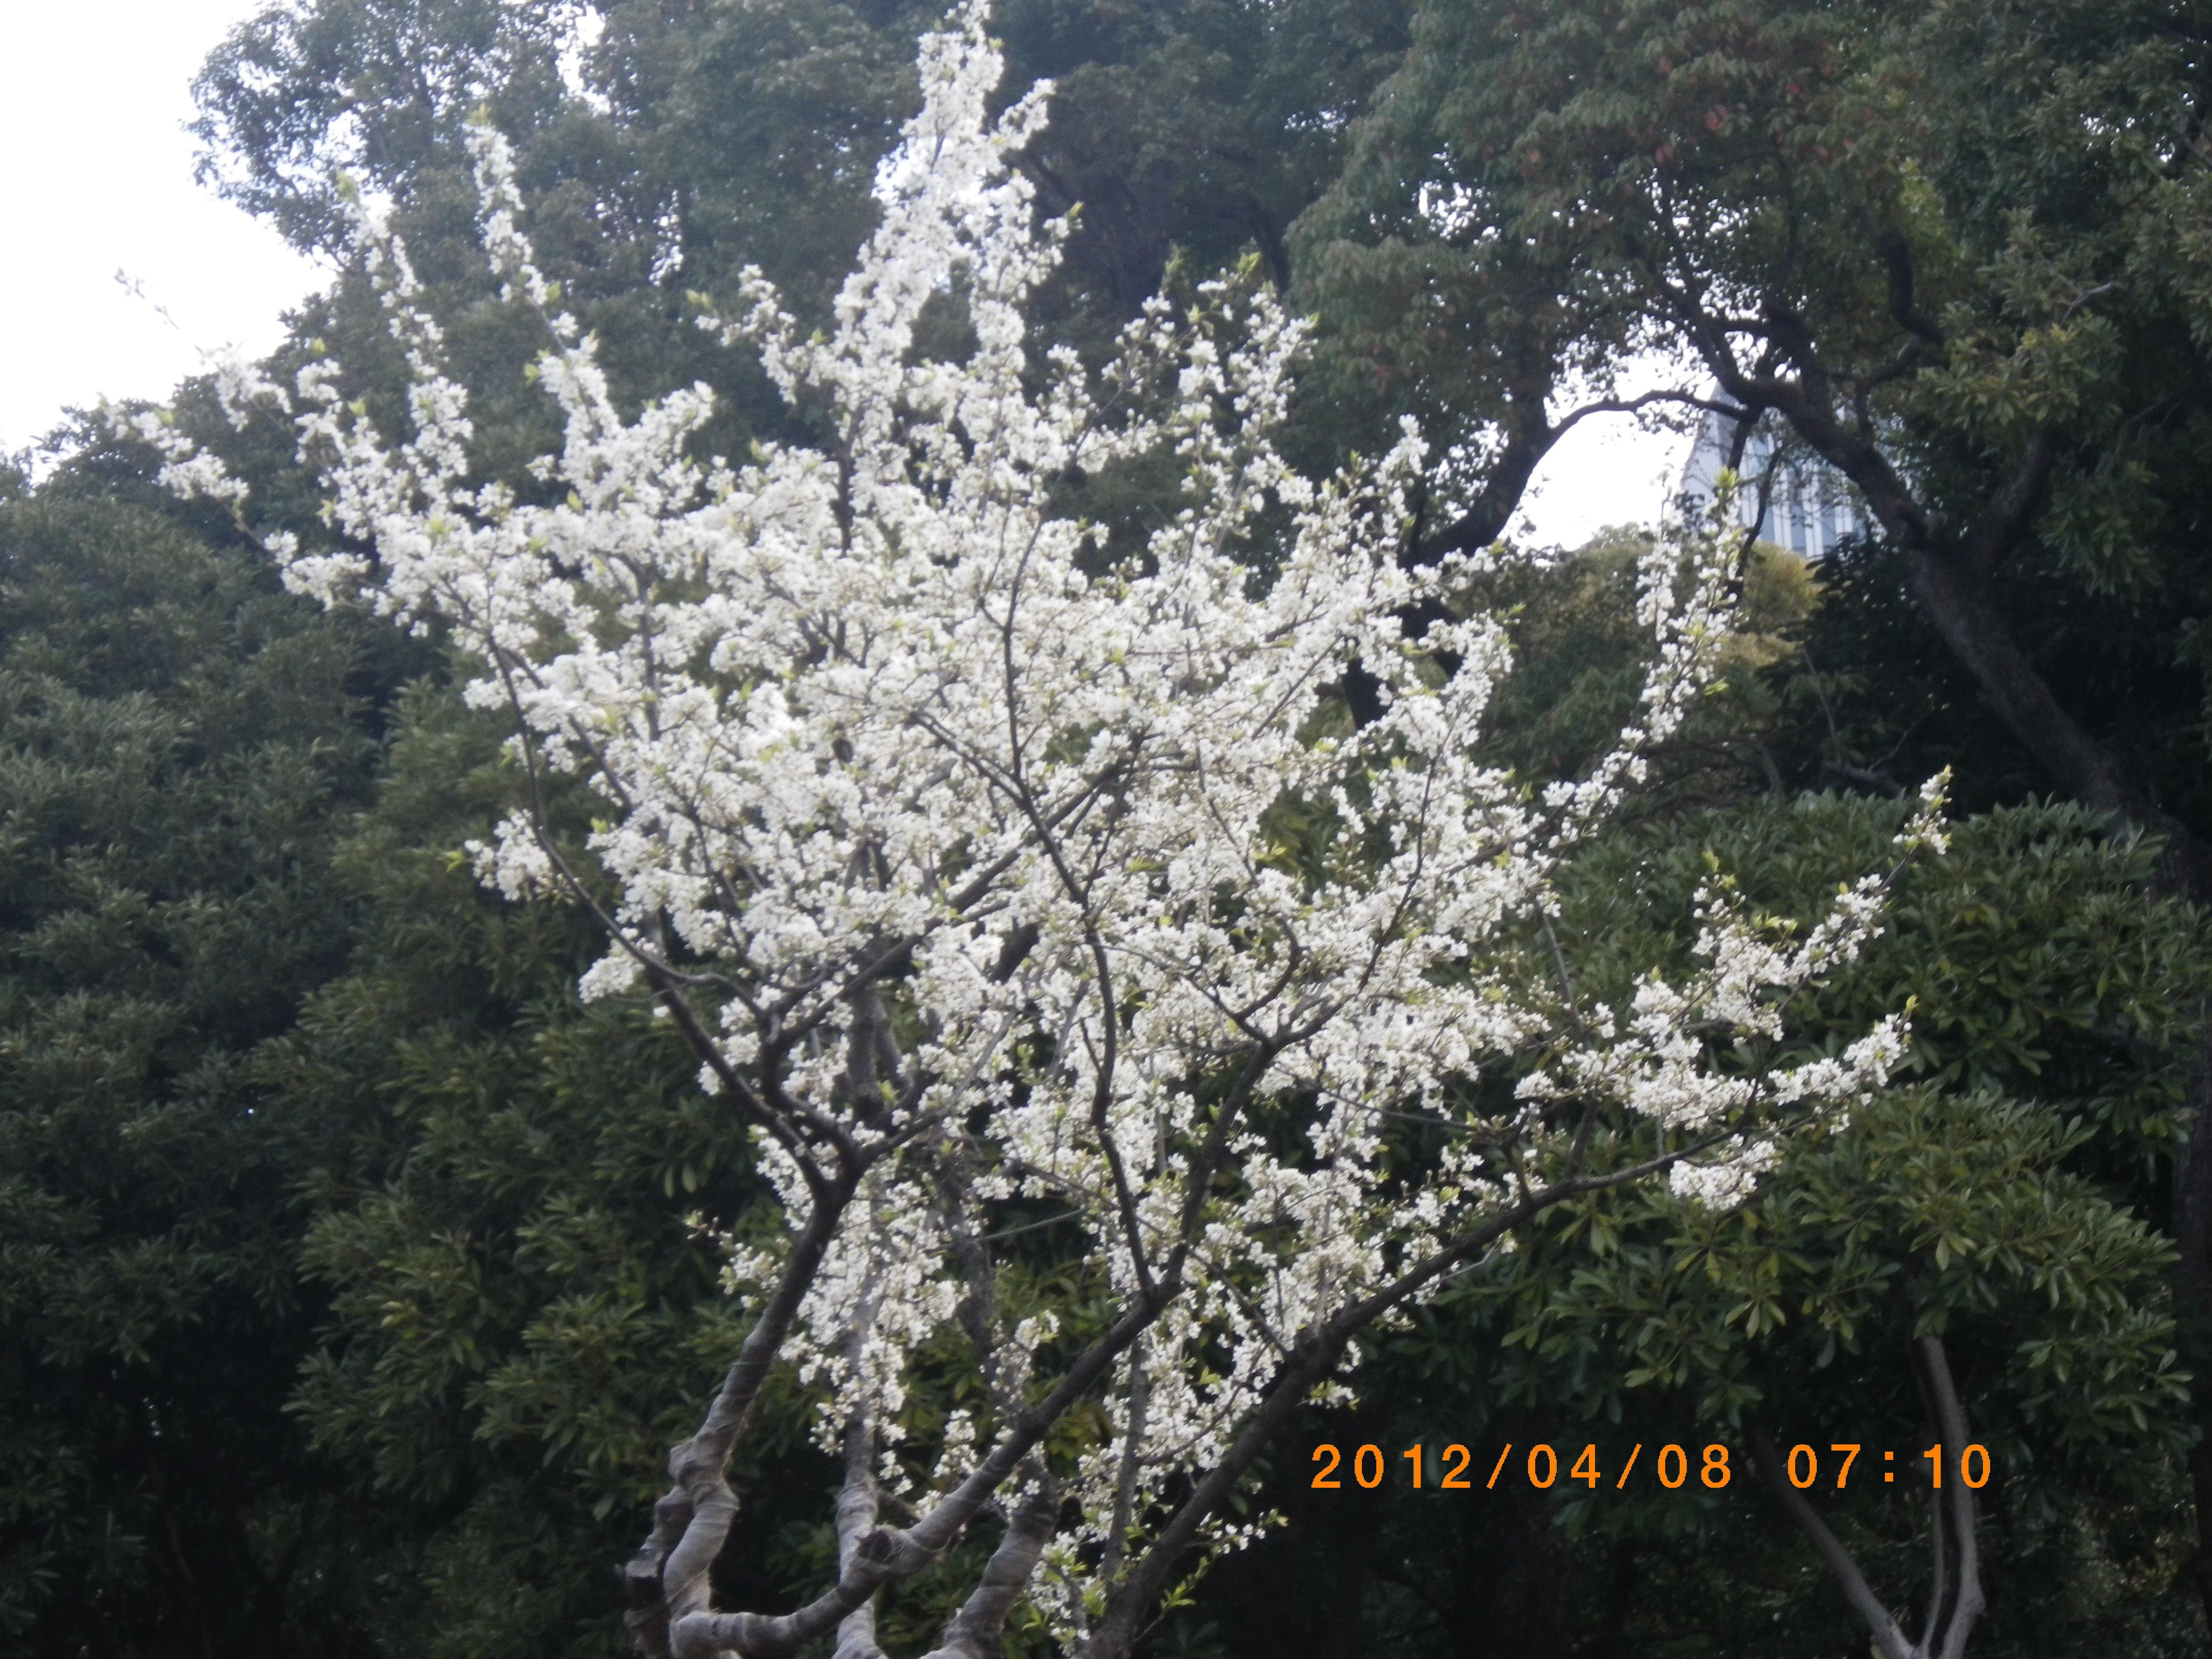 http://www.law-pro.jp/weblog/20120413.JPG